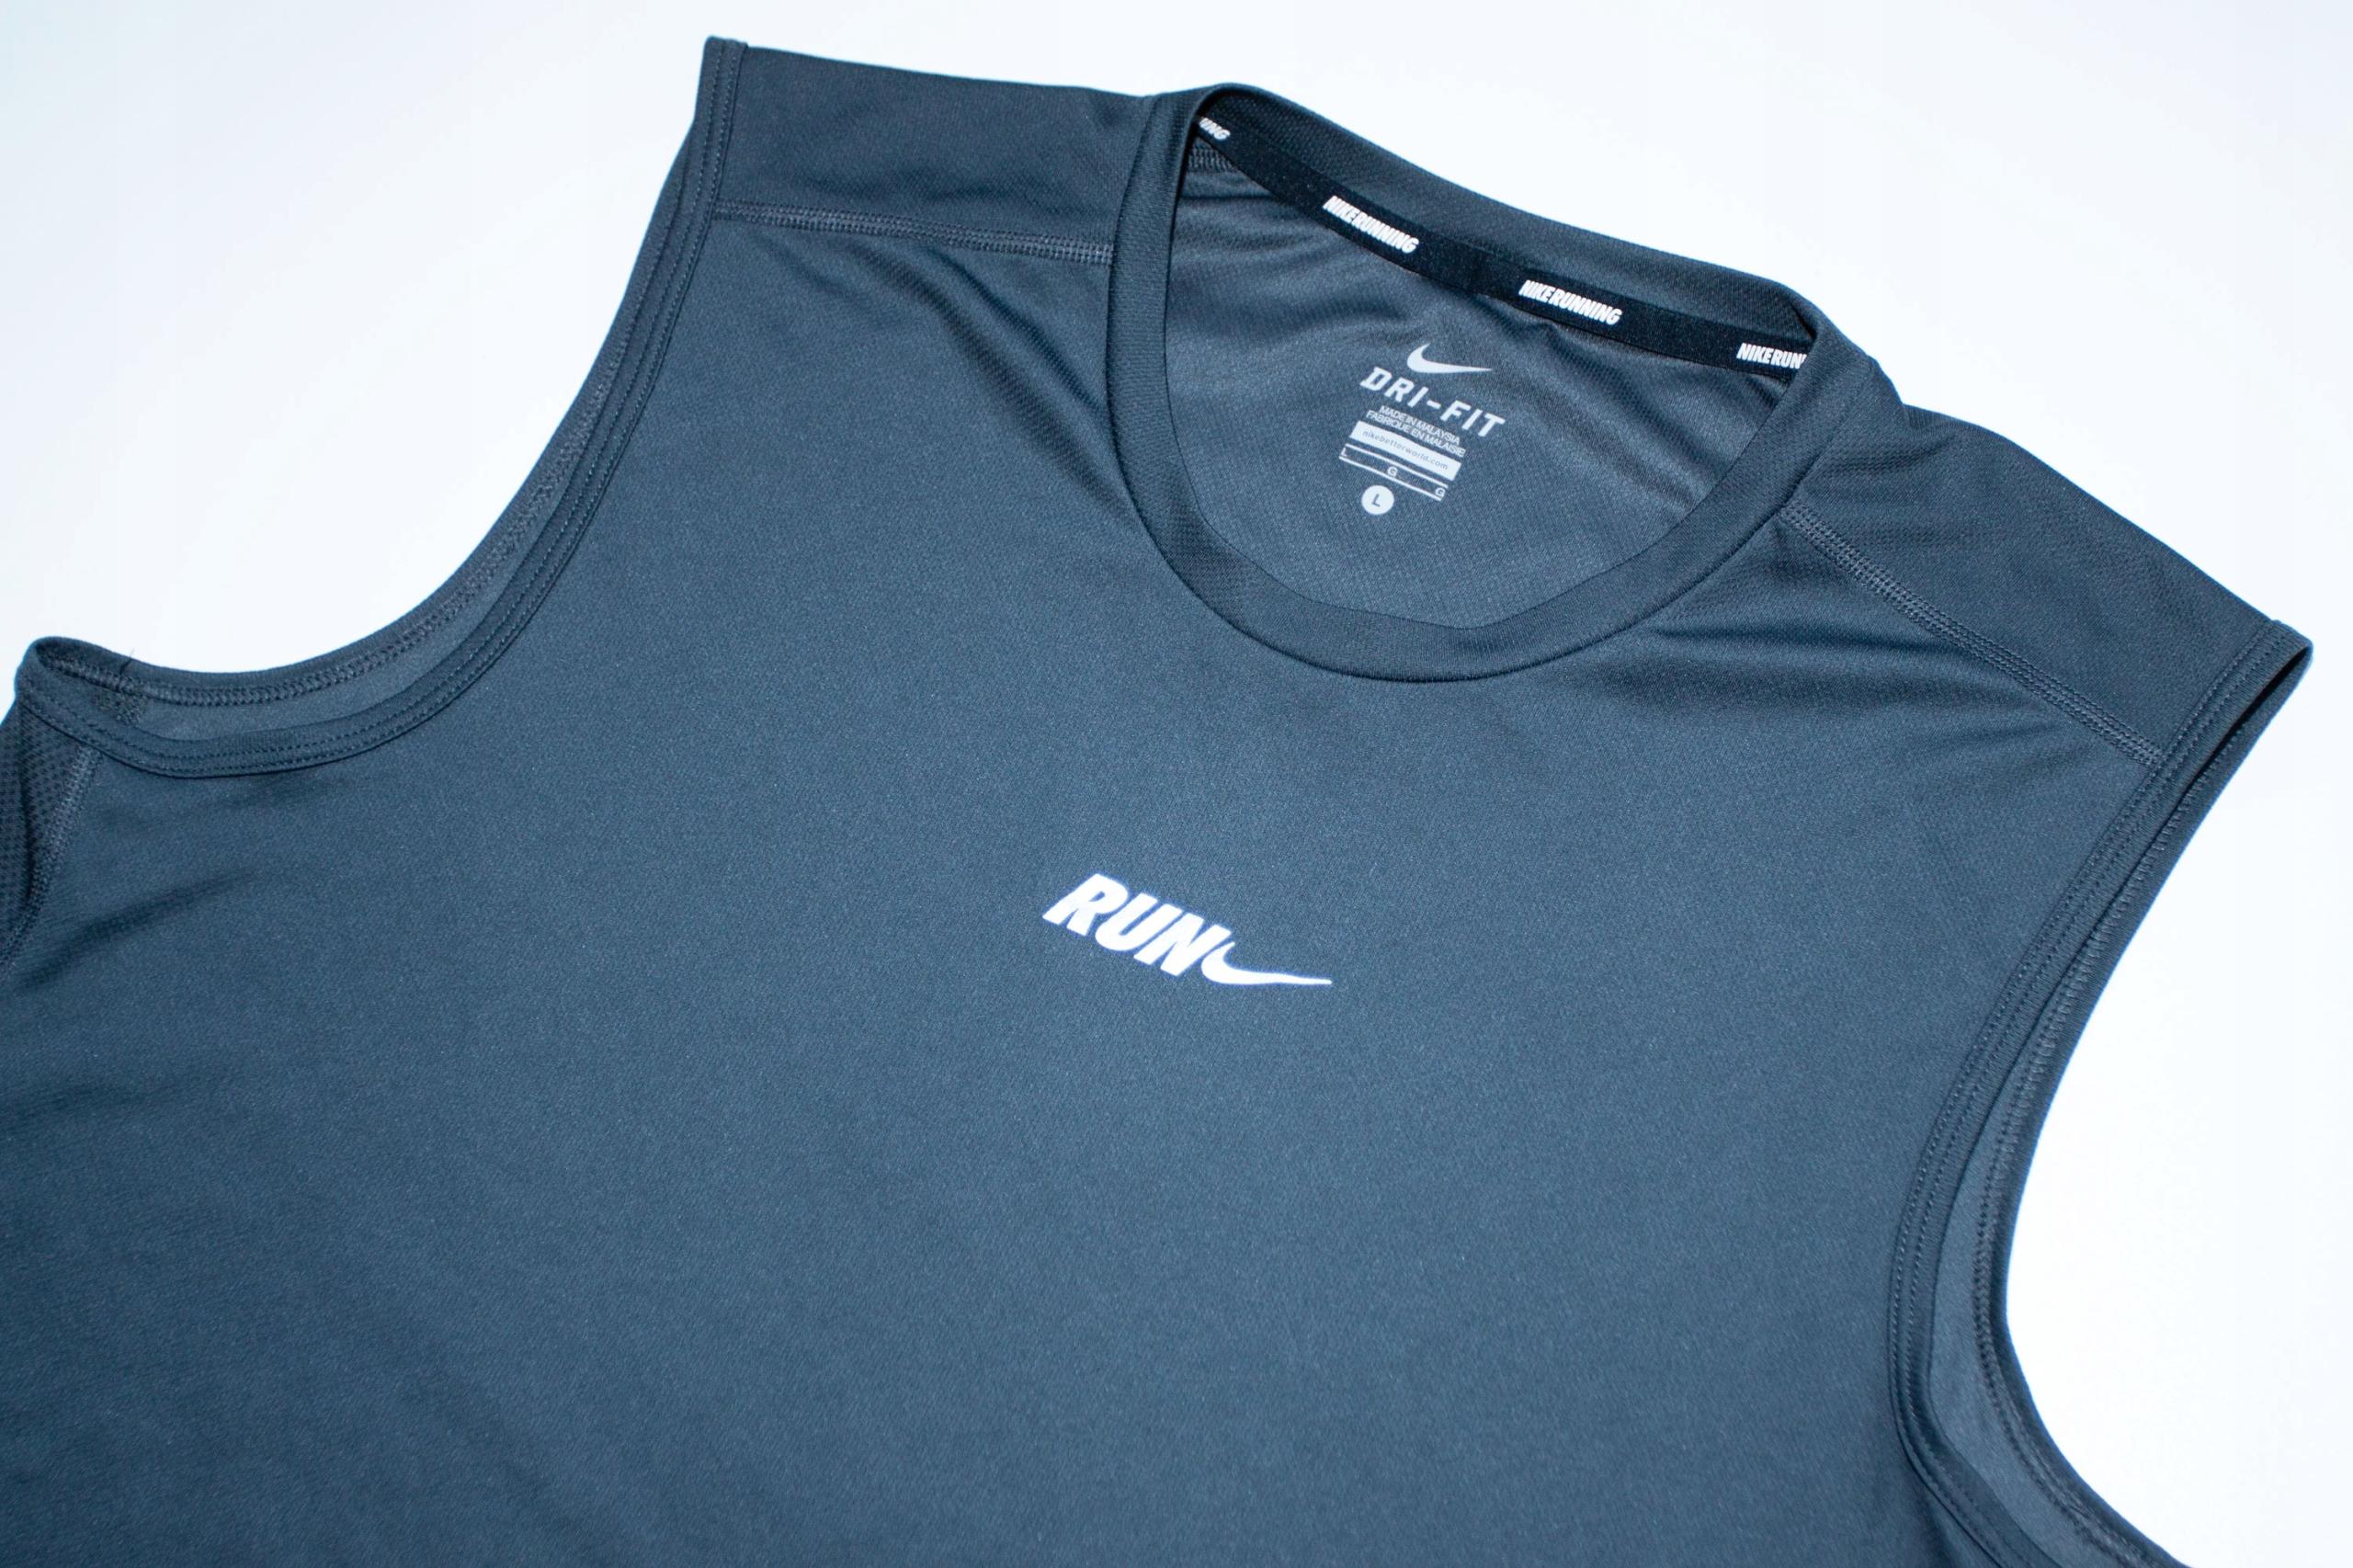 Nike Running koszulka biegowa bieganie siłownia L